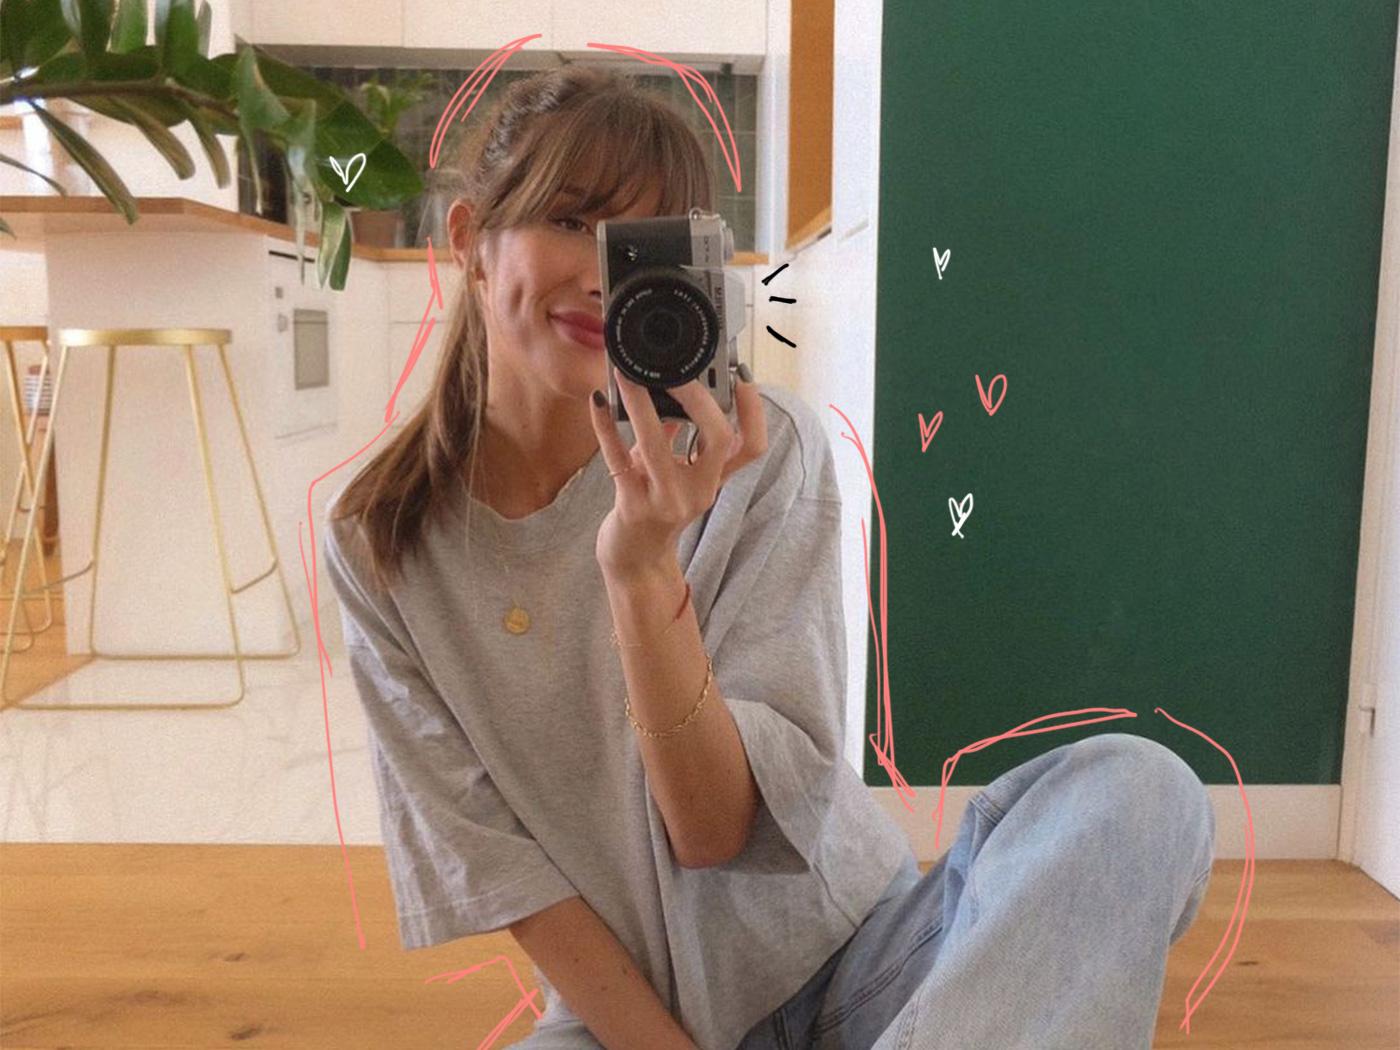 Πώς χτενίζουν τα μαλλιά τους τα πιο stylish κορίτσια του instagram όταν μένουν στο σπίτι!